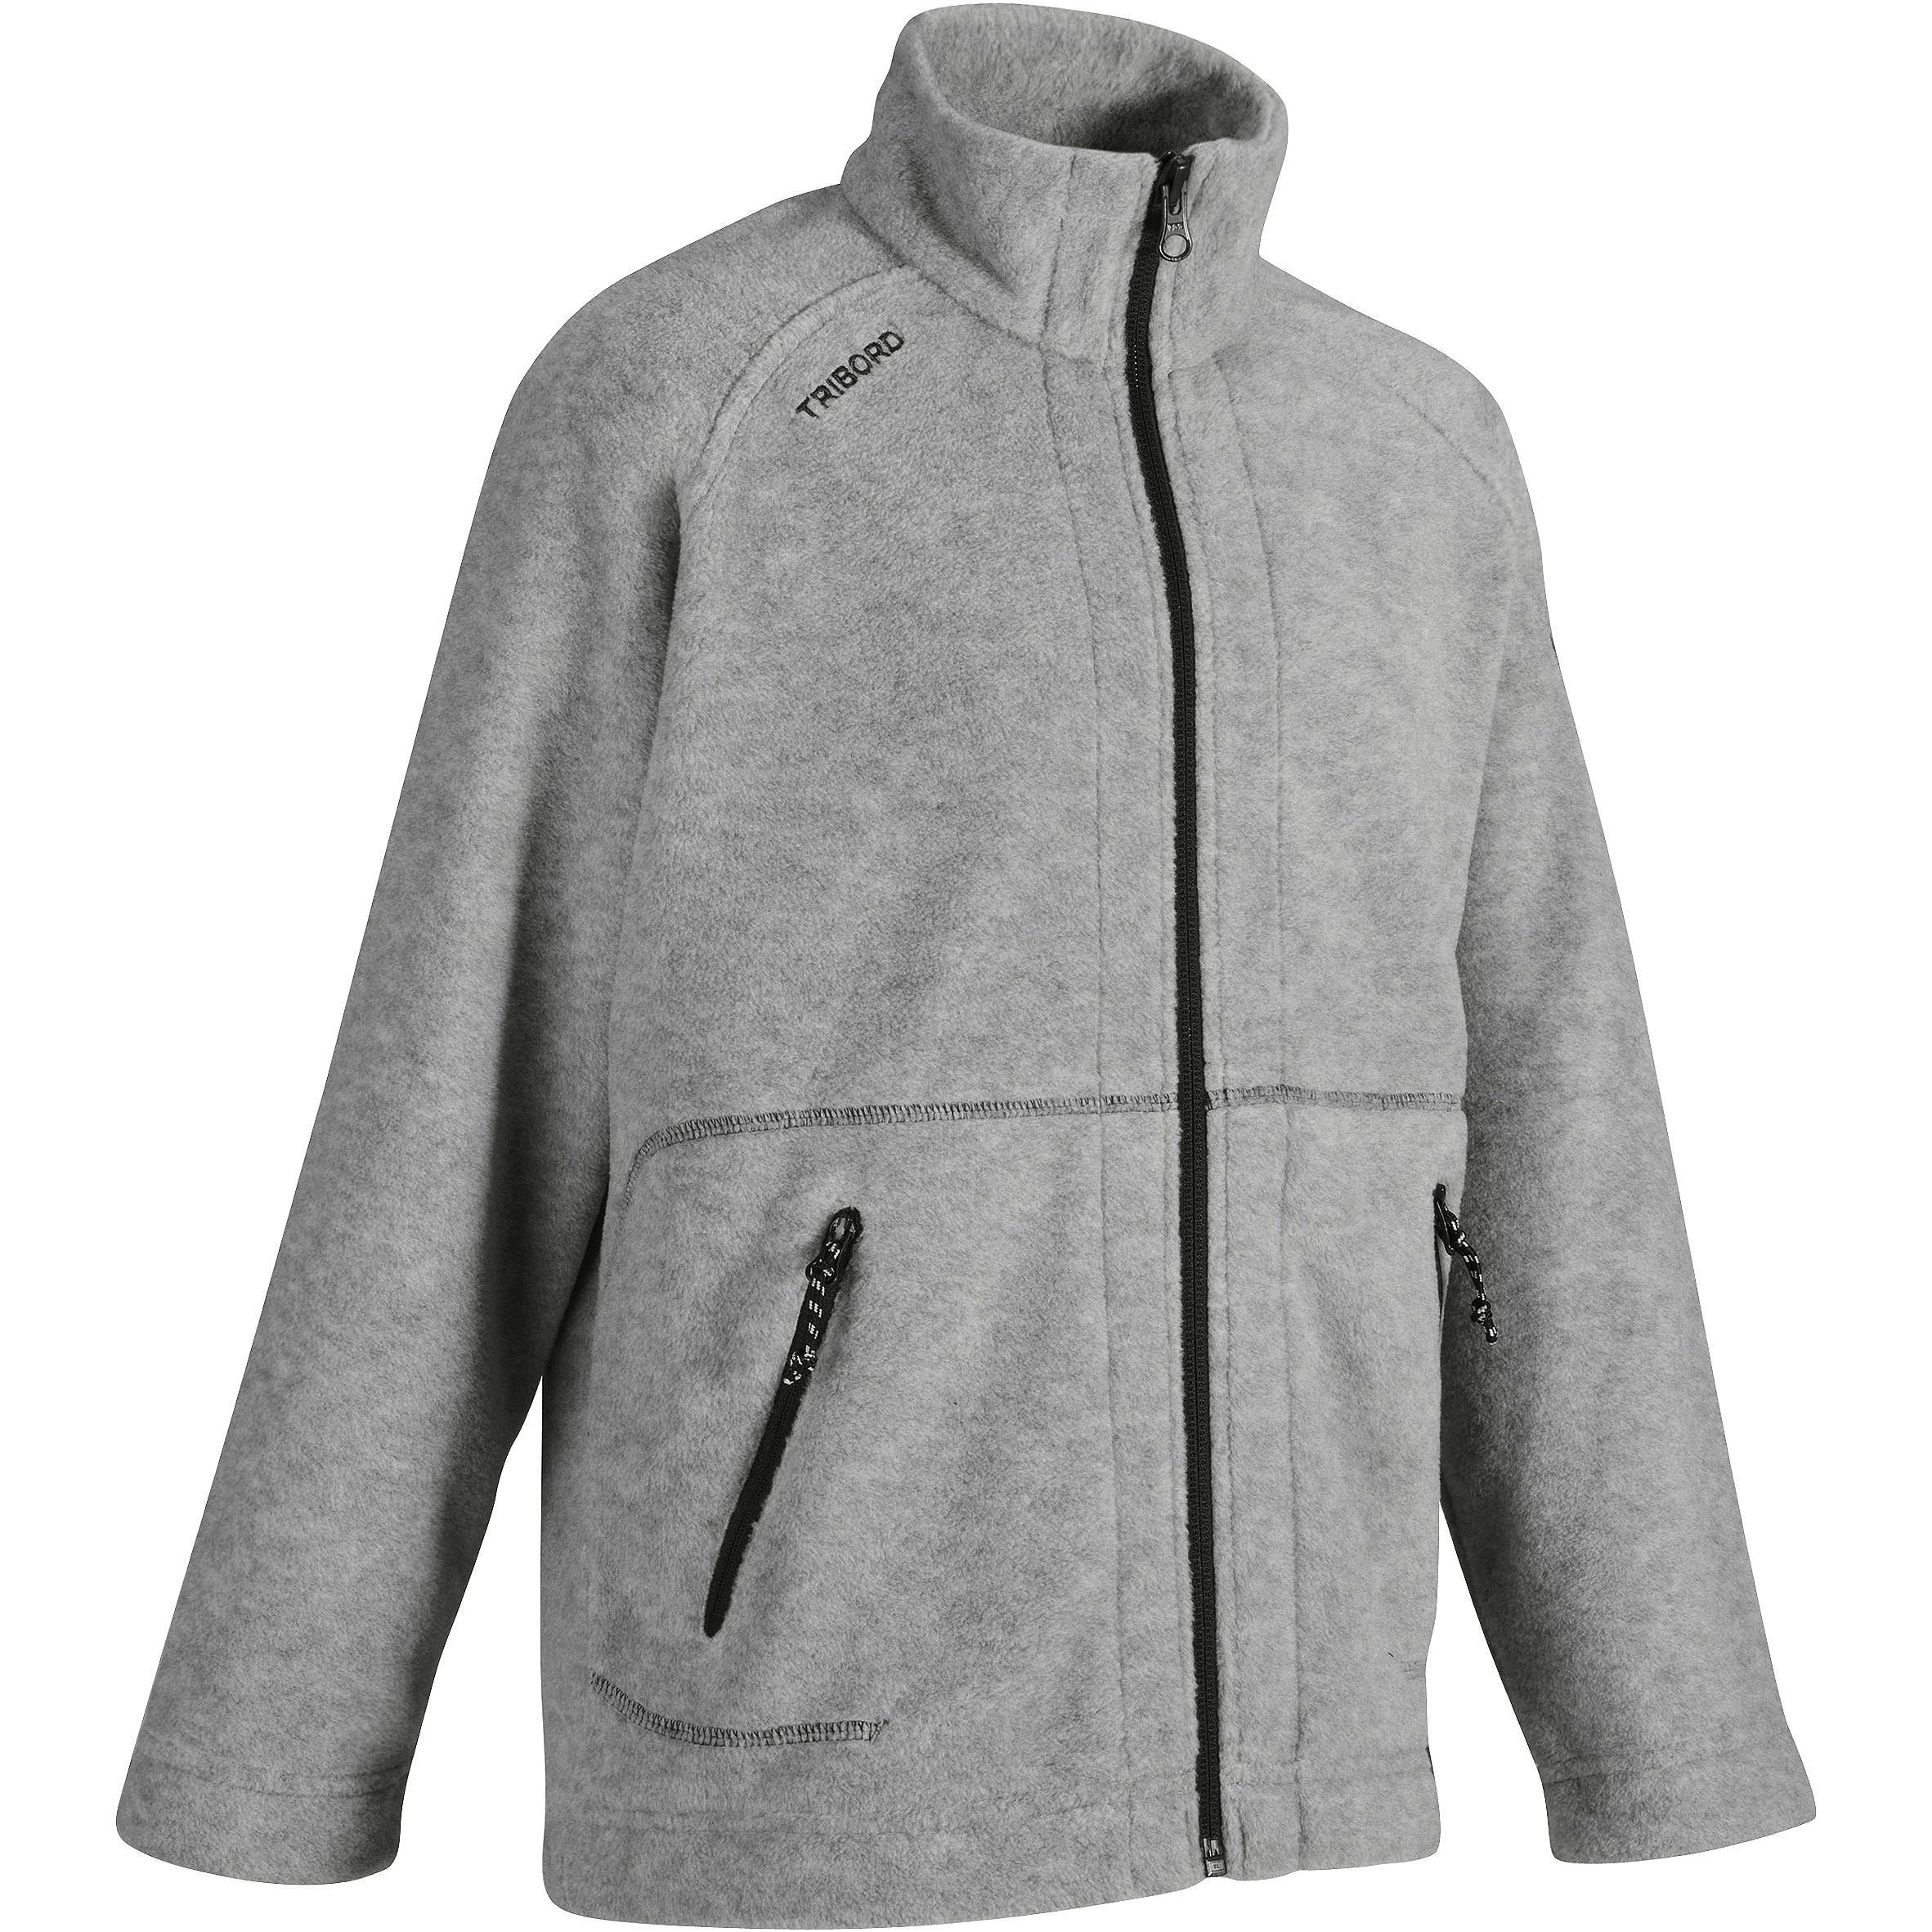 100 Children's Sailing Fleece Jacket - Grey